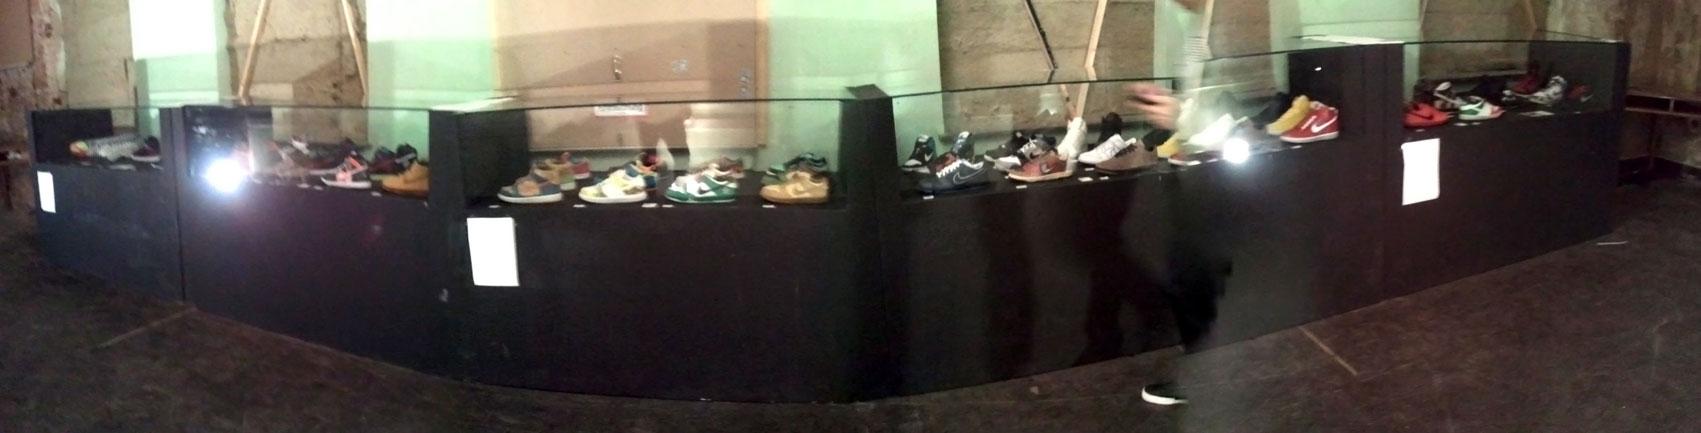 www.sneakermuseum.de